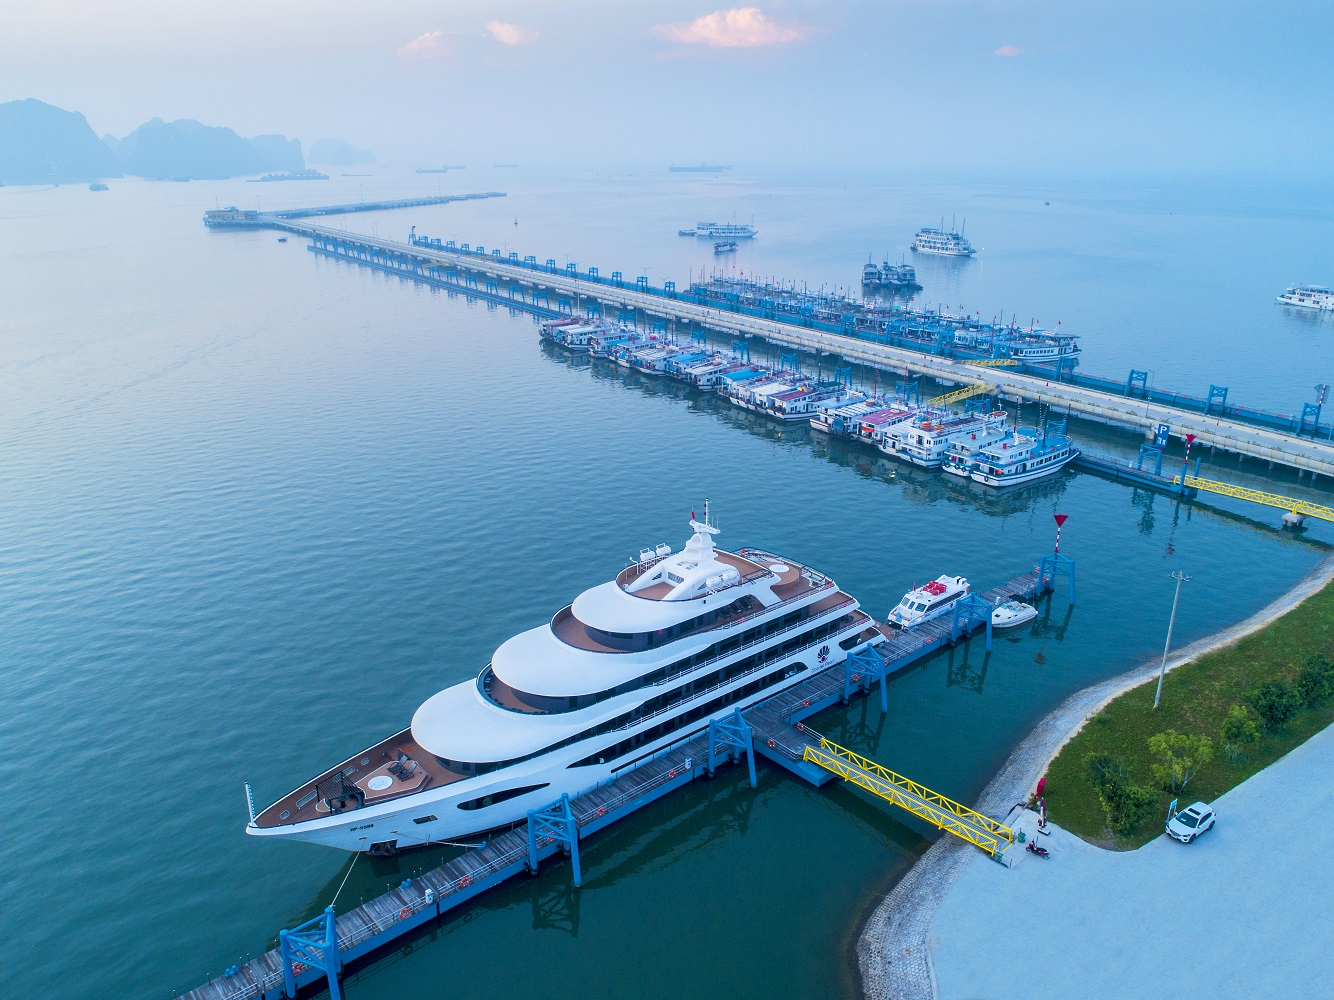 """WTA vinh danh cảng tàu khách quốc tế Hạ Long là """"Cảng tàu khách hàng đầu Châu Á"""" 2020 3"""